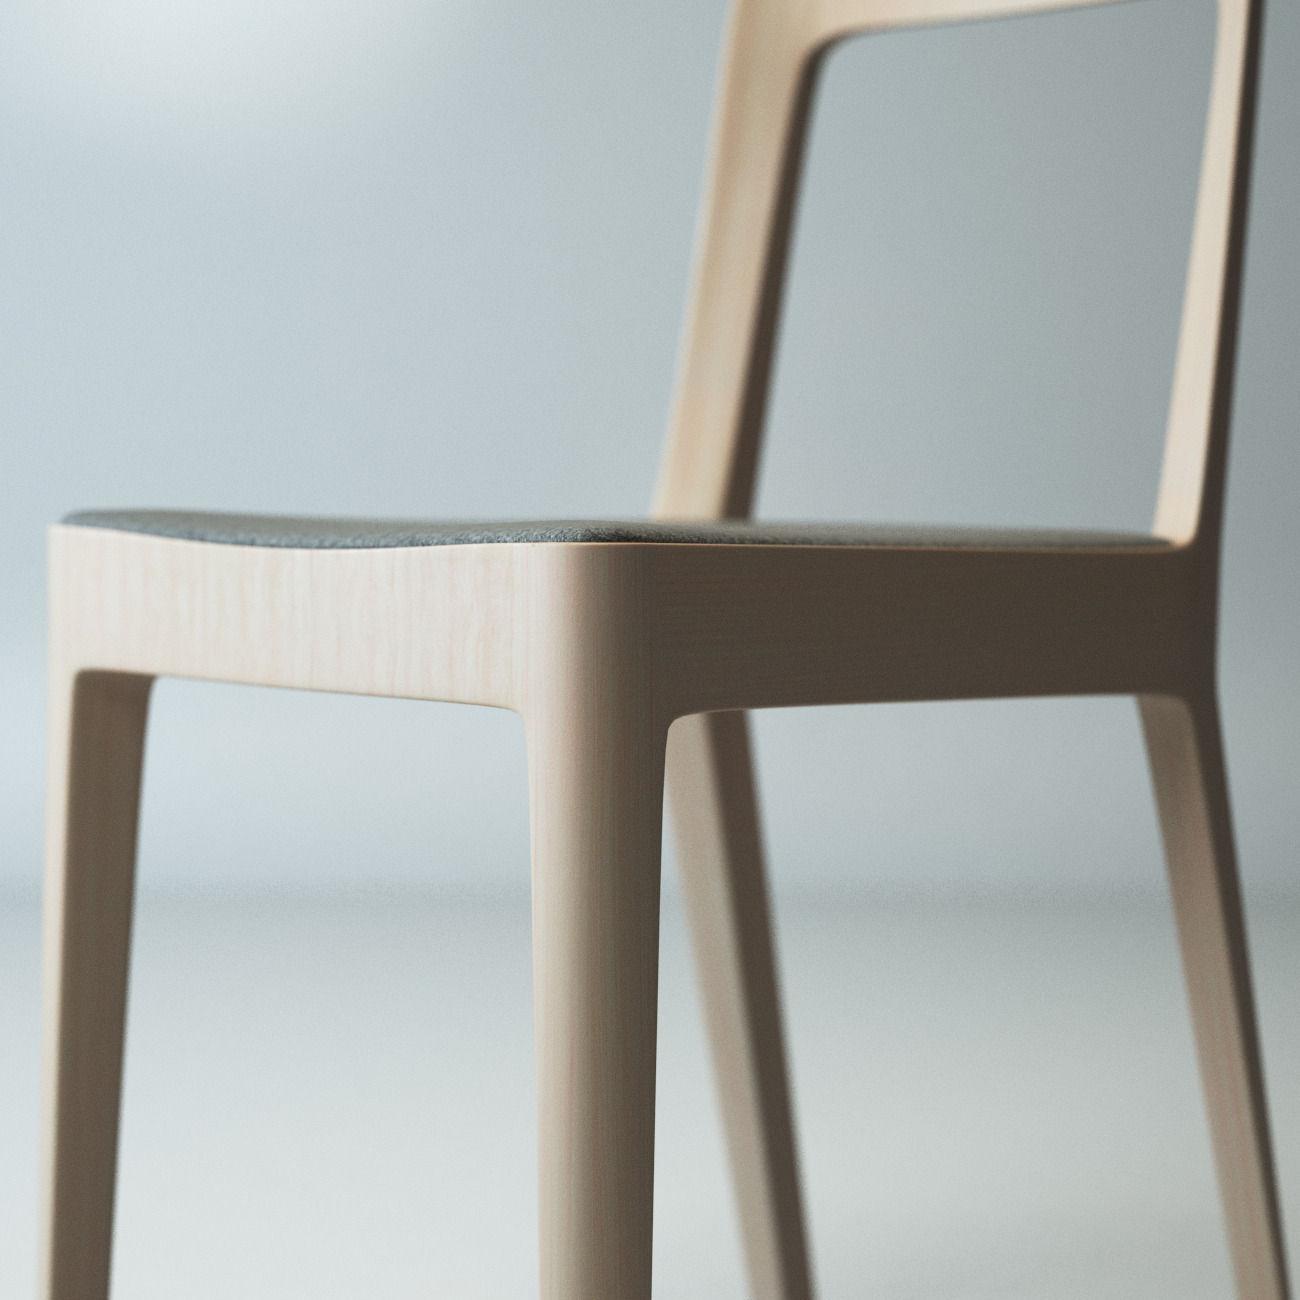 Hiroshima Simple Chair Buy 1 Get 1 Free 3d Model Max Obj